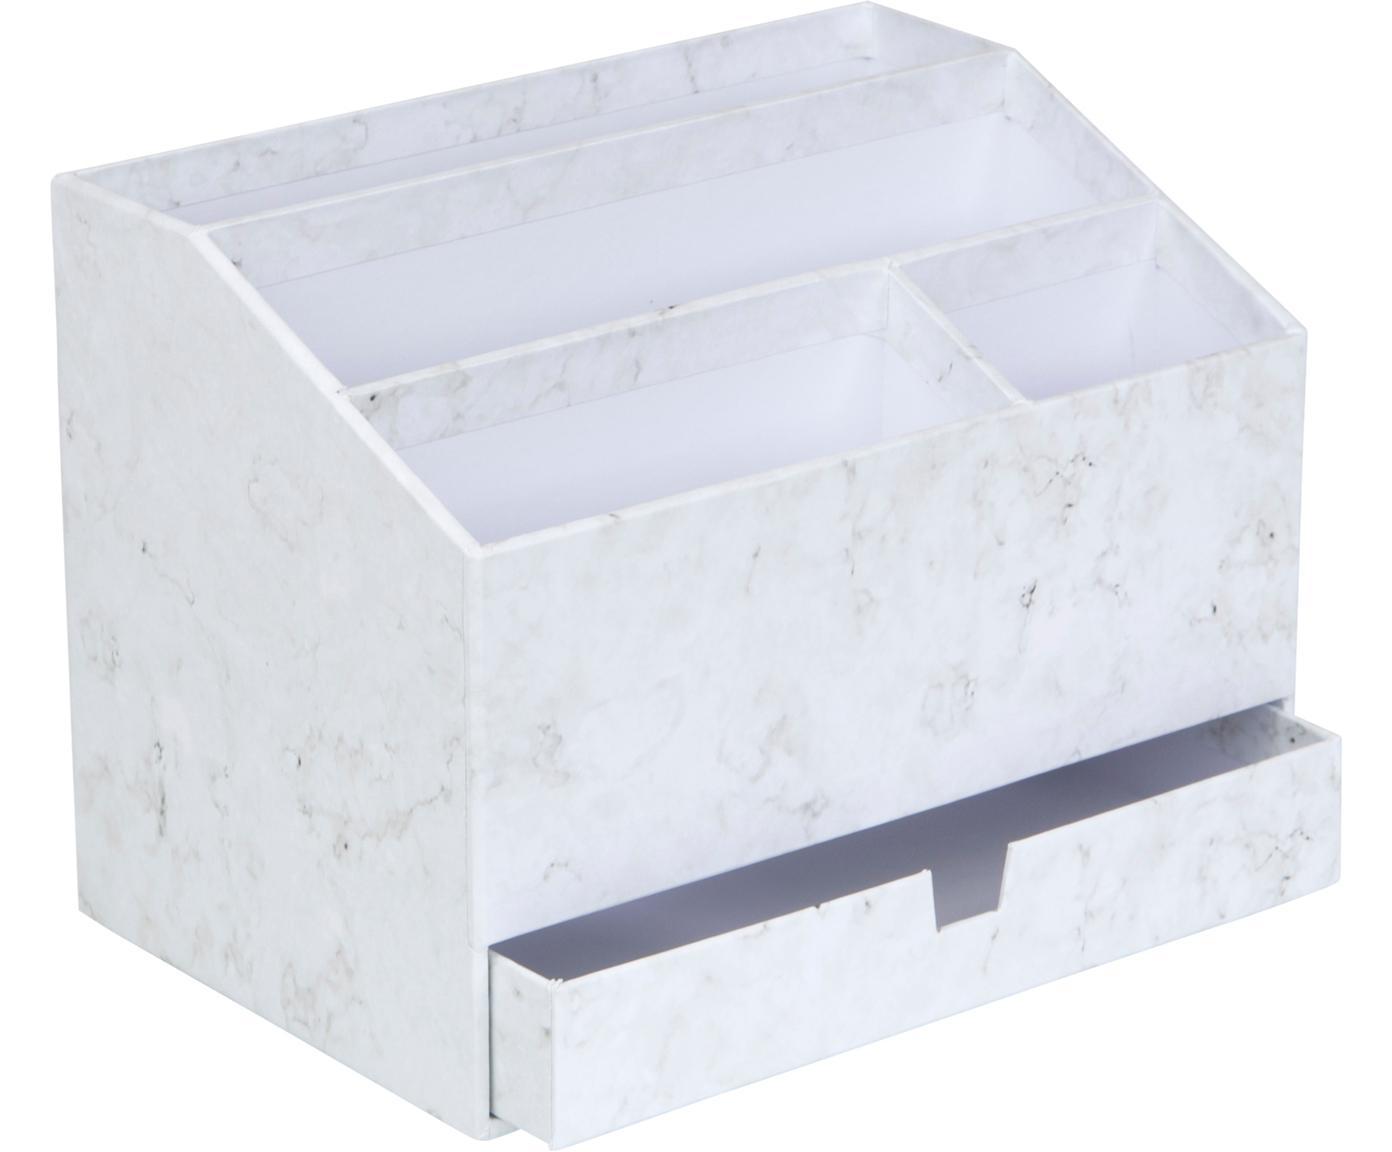 Organizer da ufficio Greta, Cartone solido e laminato, Bianco marmorizzato, Larg. 24 x Alt. 18 cm